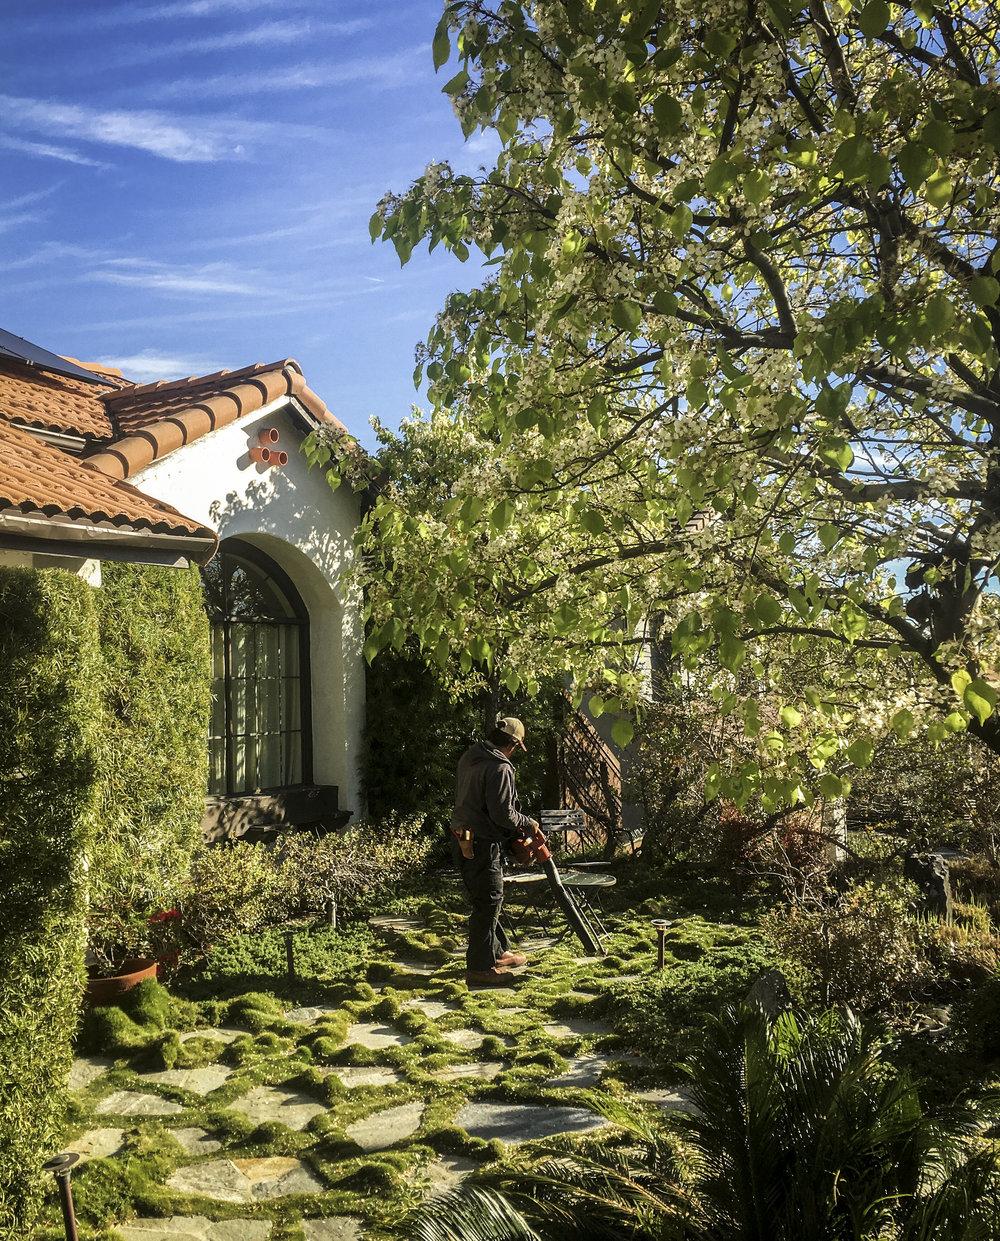 california_garden_roberto_flores_buck_11.jpg